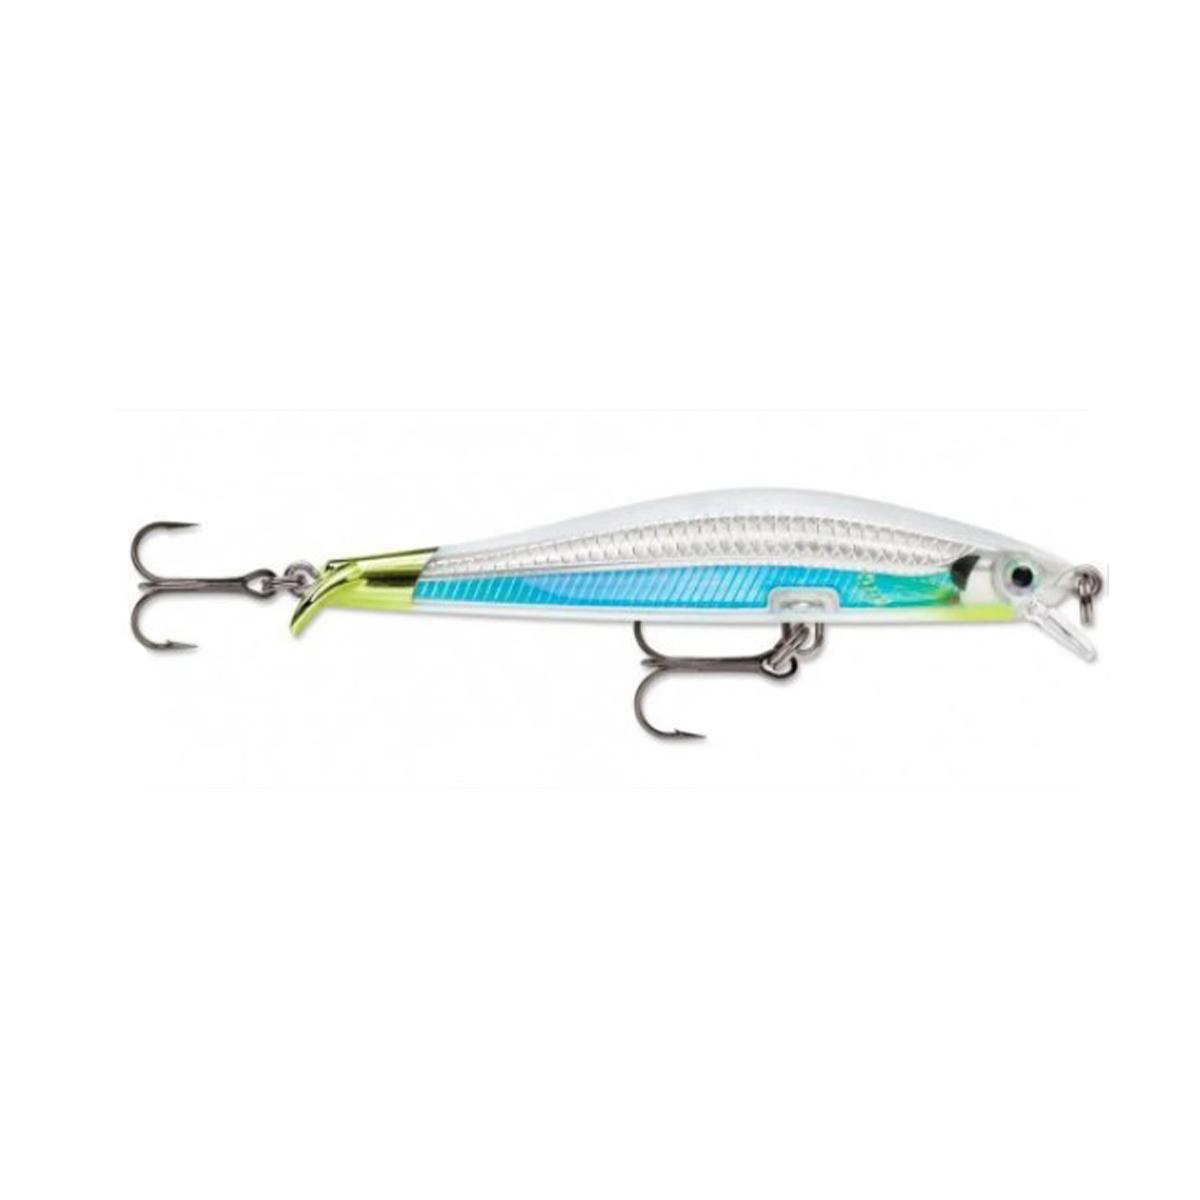 Isca Artificial Rapala Ripstop 9 cm  - Pró Pesca Shop